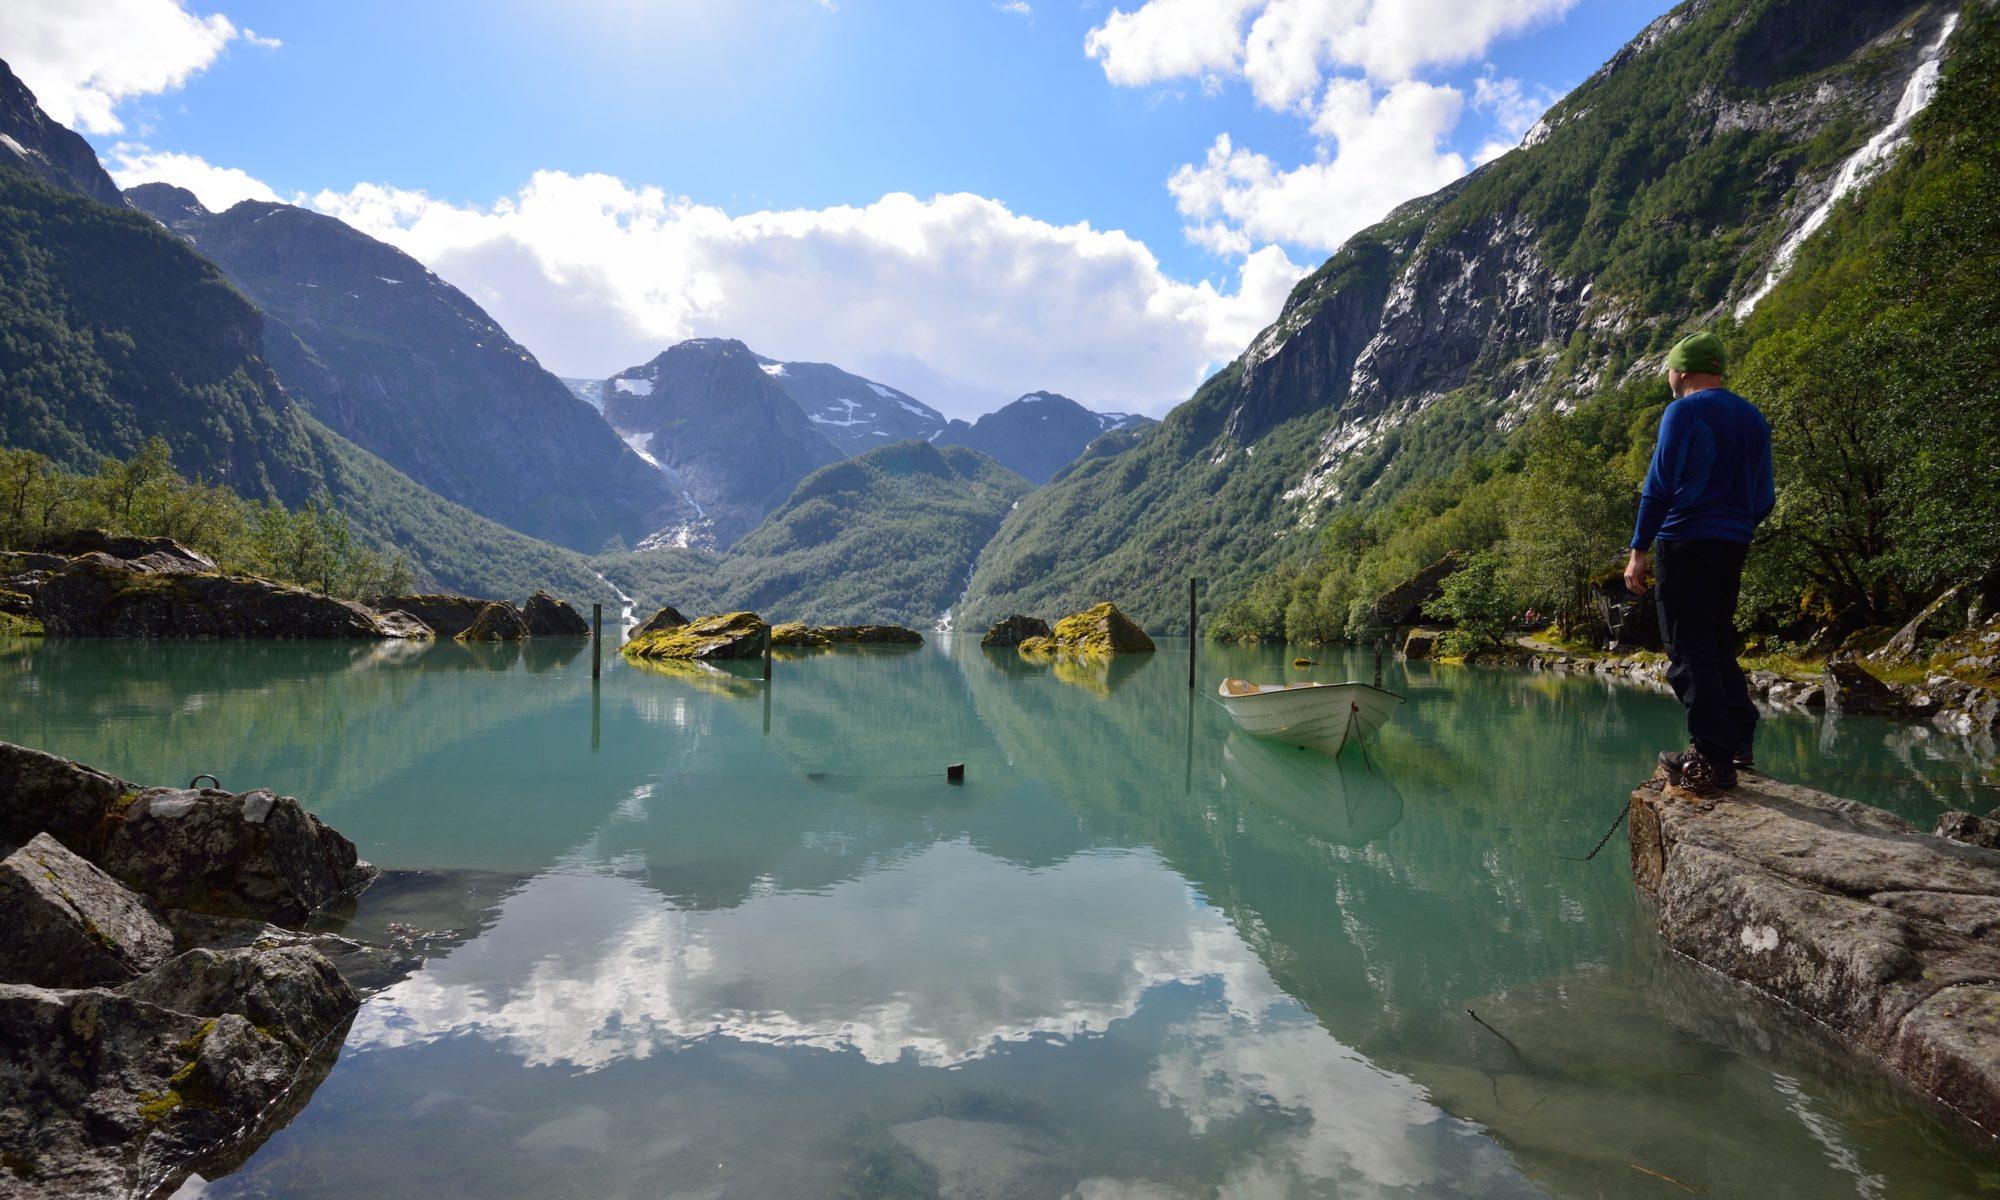 Lake Bondhusvatnet in Kvinnherad. Hardanger, Norway.